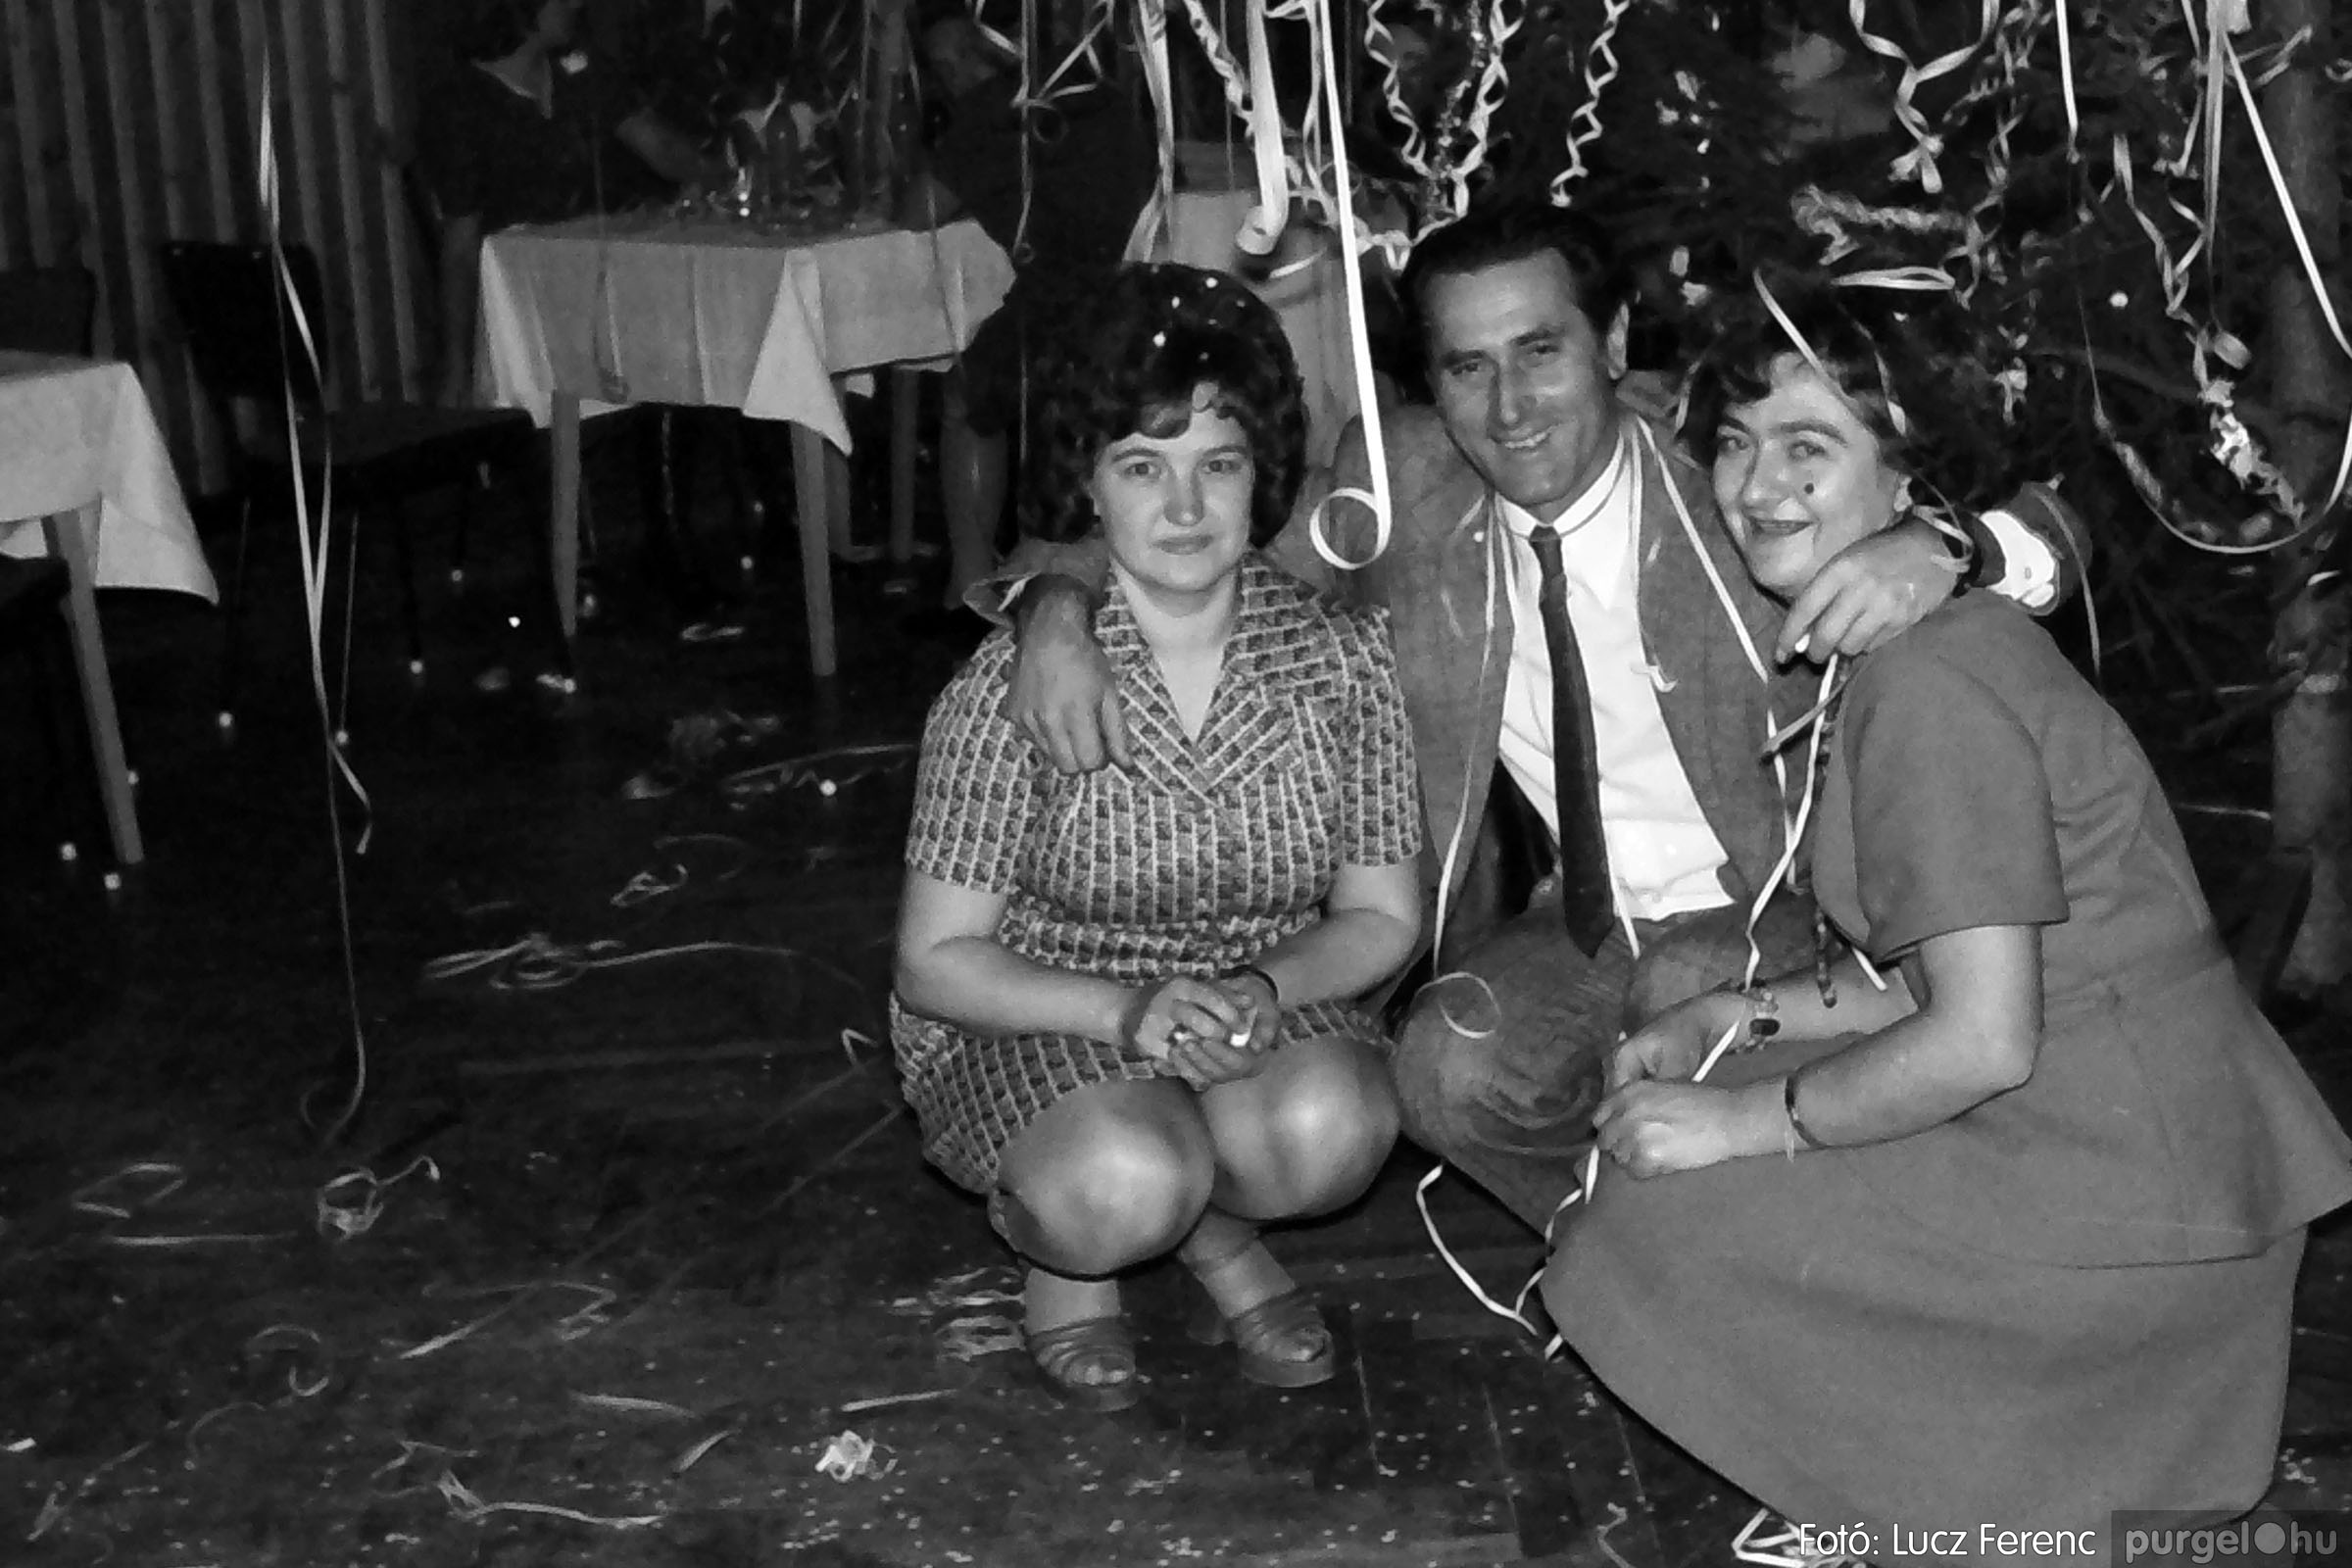 030. 1975.12.31. Szilveszter a kultúrházban 007 - Fotó: Lucz Ferenc.jpg